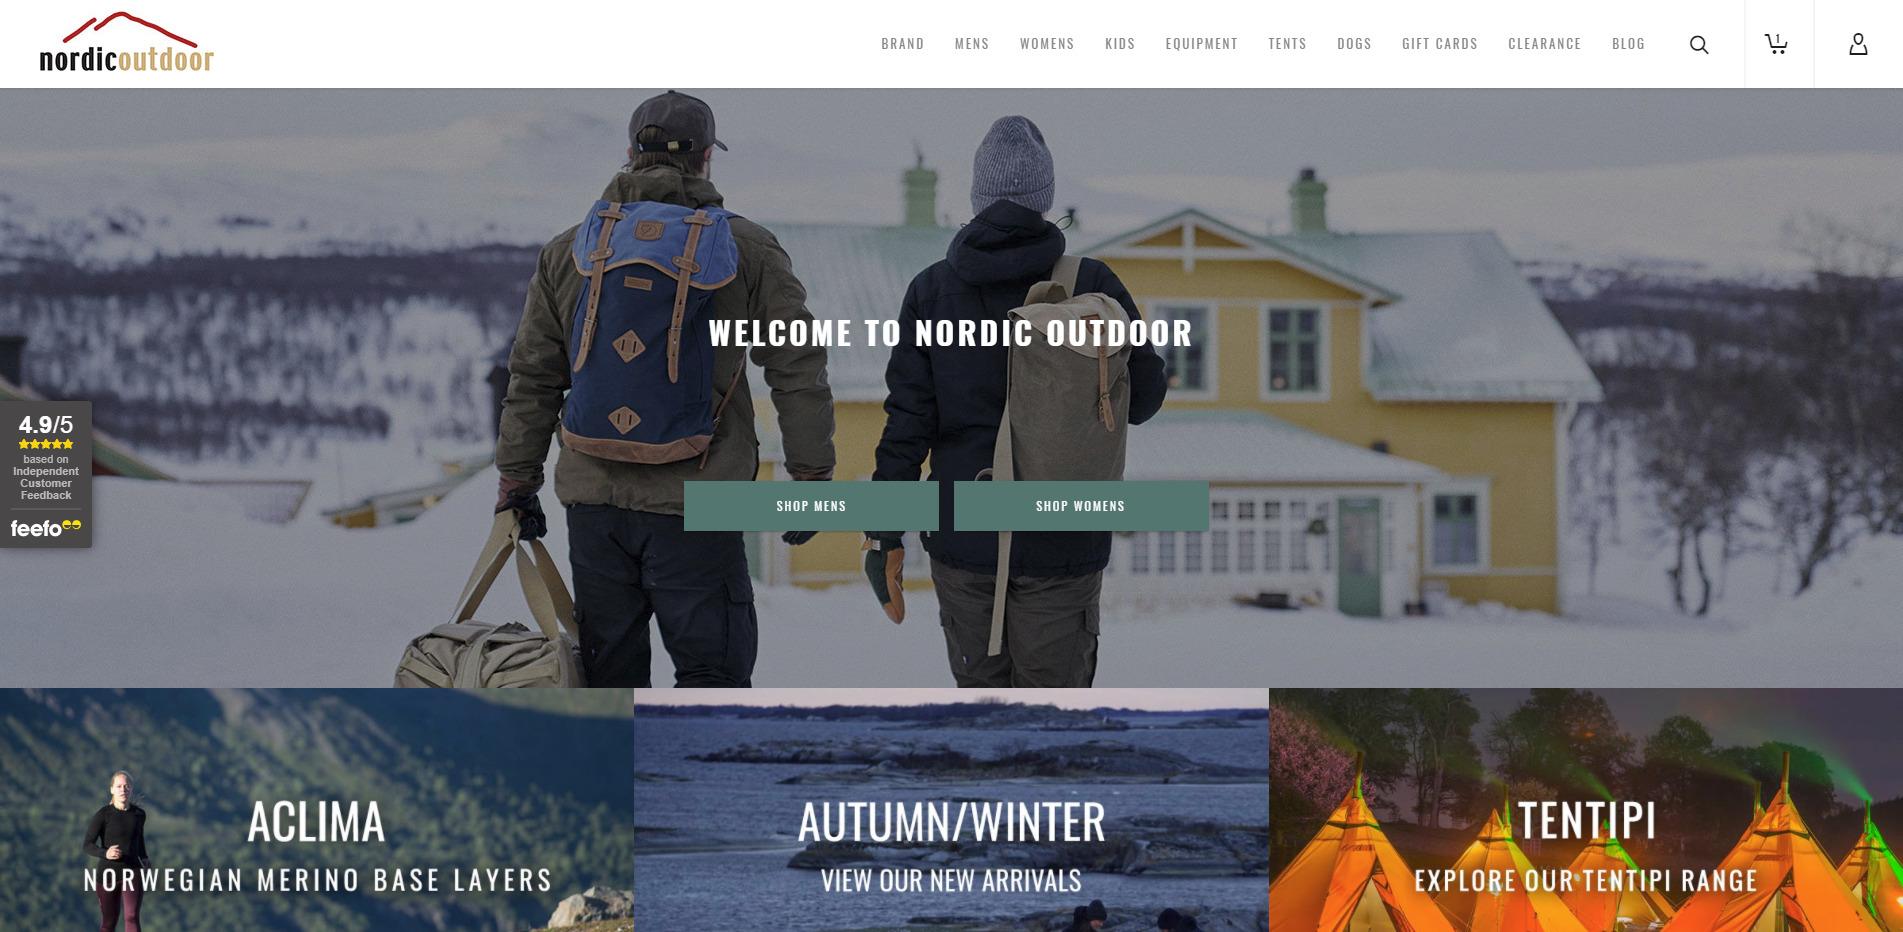 Nordic-Outdoor-Scandinavian-Outdoor-Clothing-Lifestyle-Nordic-Outdoor